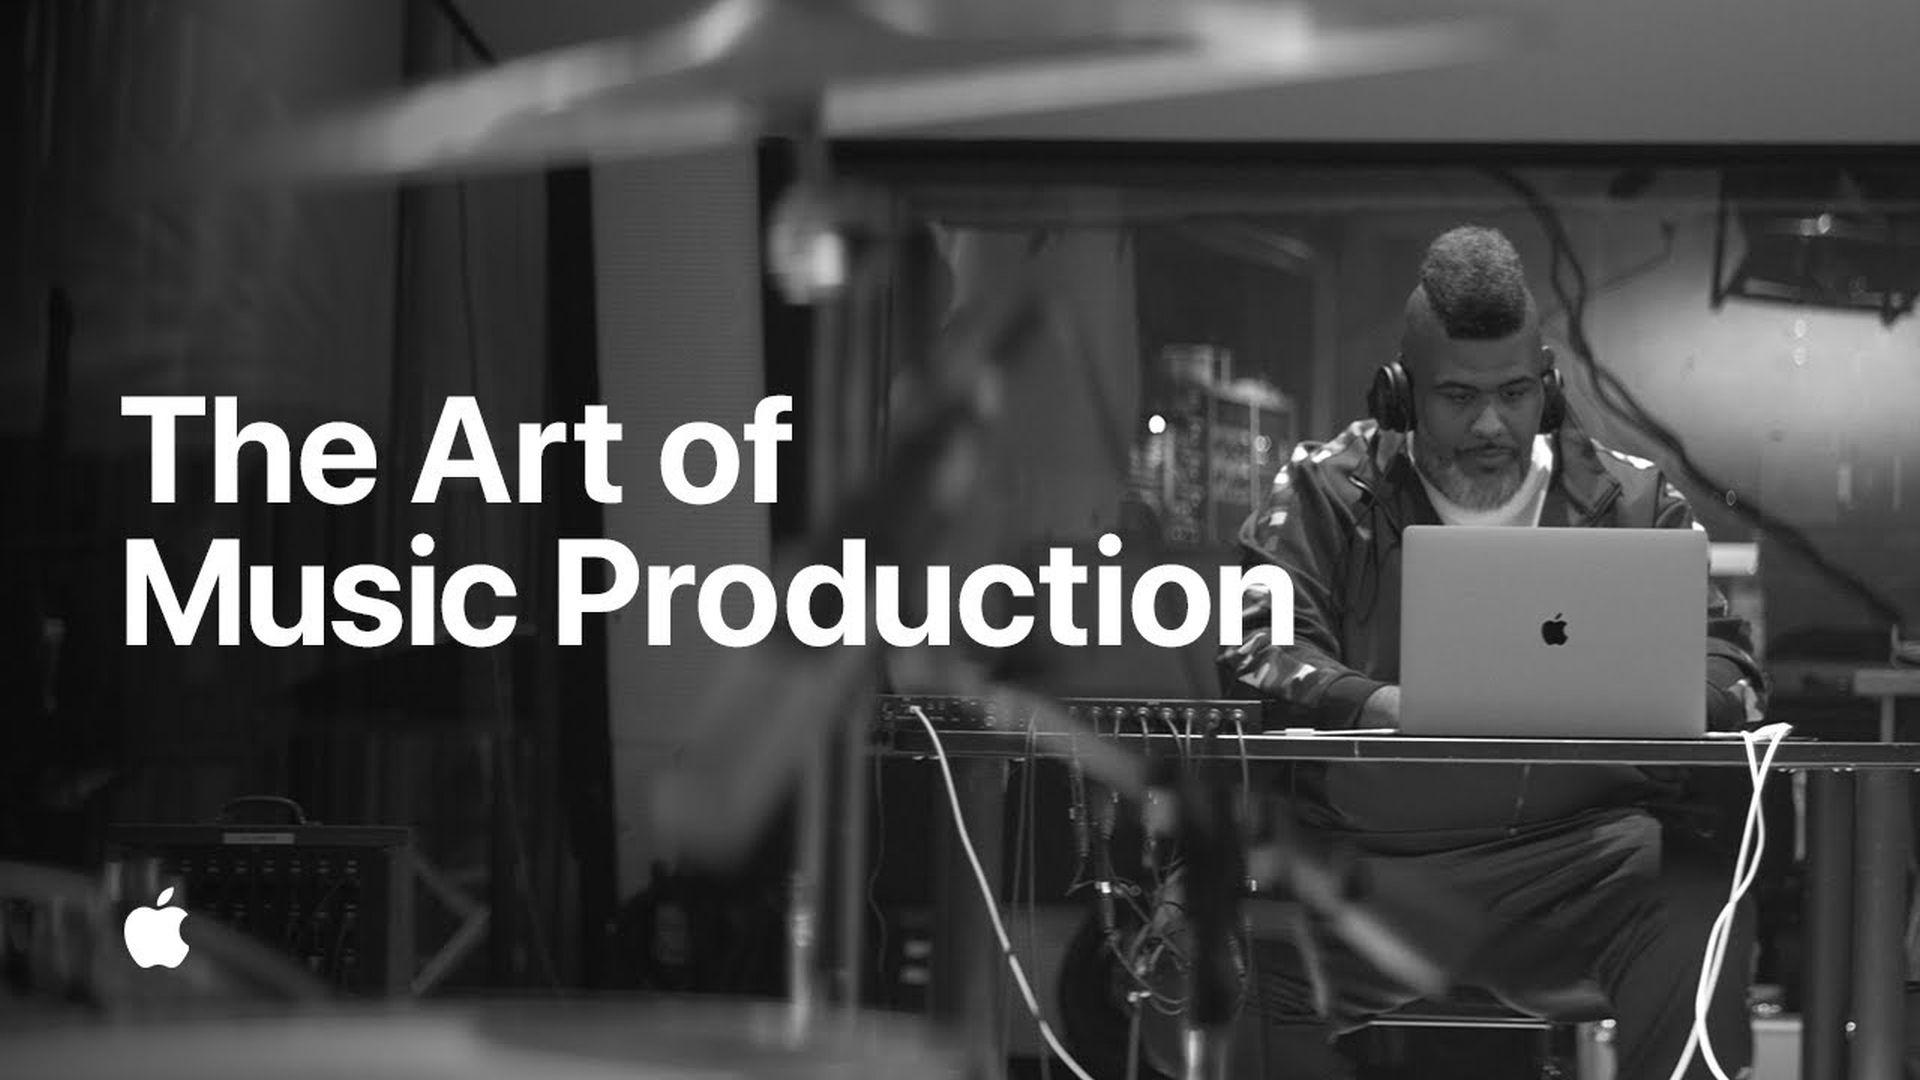 Producent muzyczny Oak Felder i jego studio w reklamie Apple